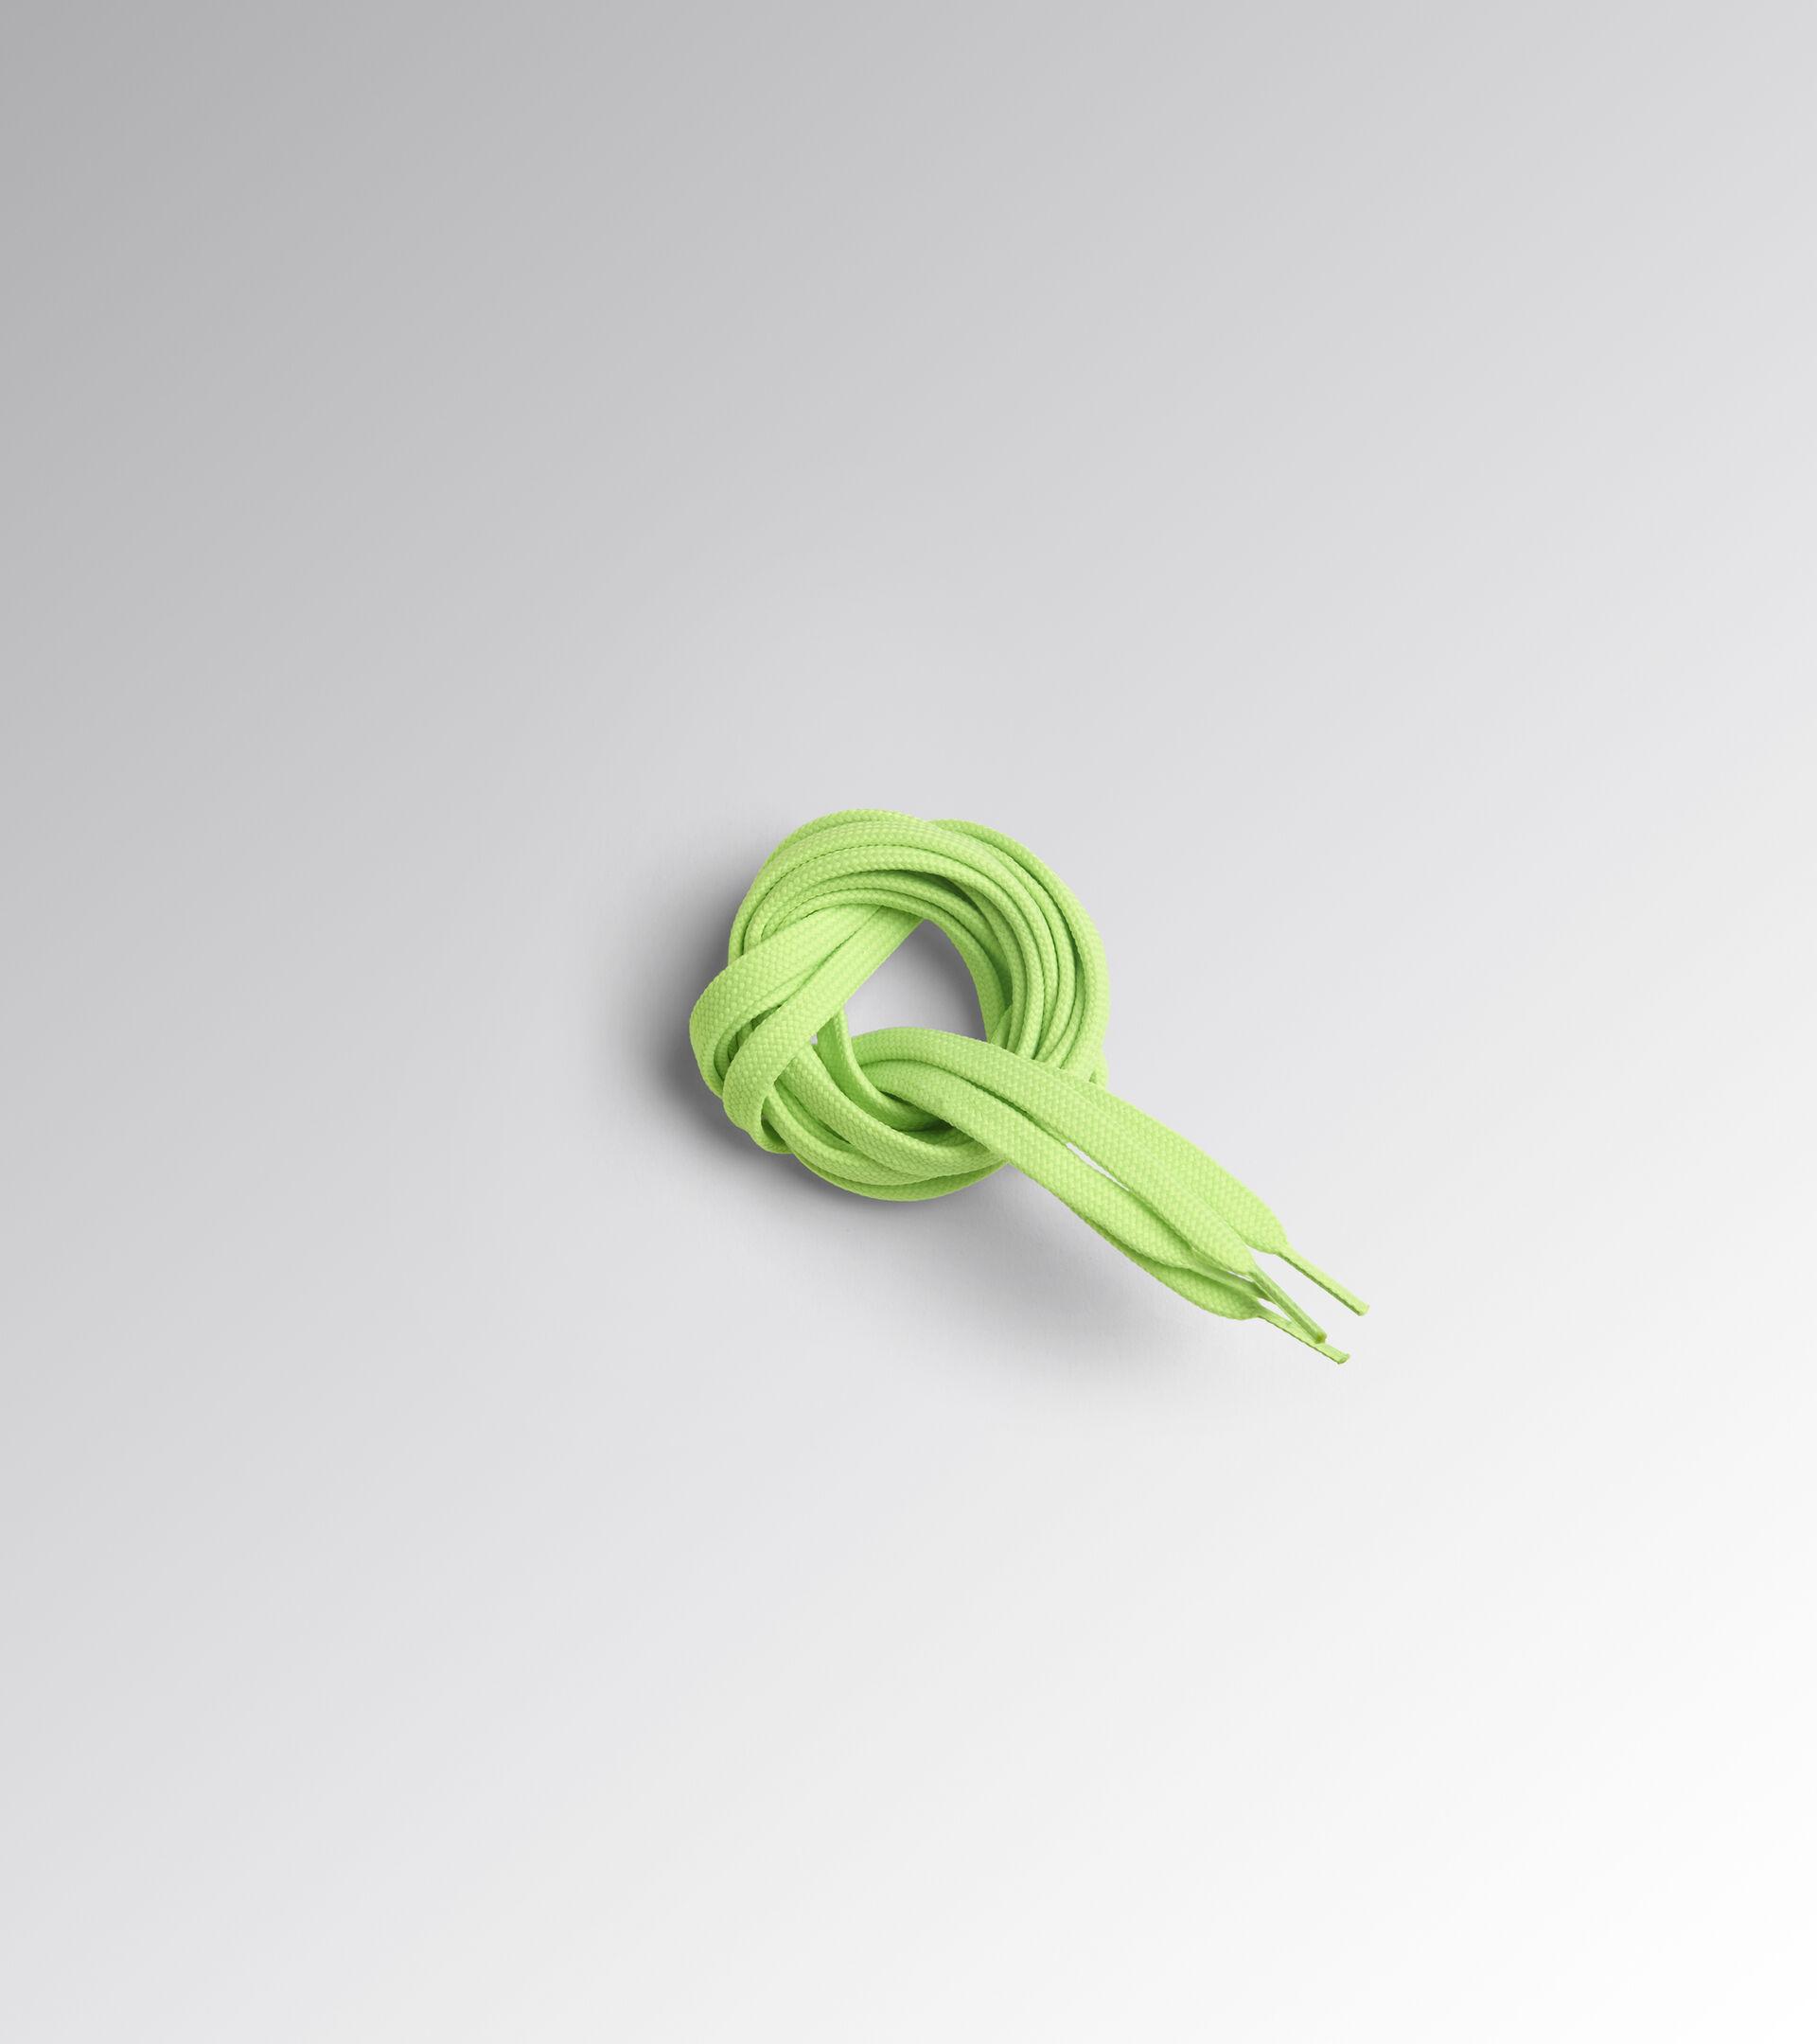 Accessories Utility UOMO LACCI PIATTO TERMO 100 GREEN FLUO 909 C Utility